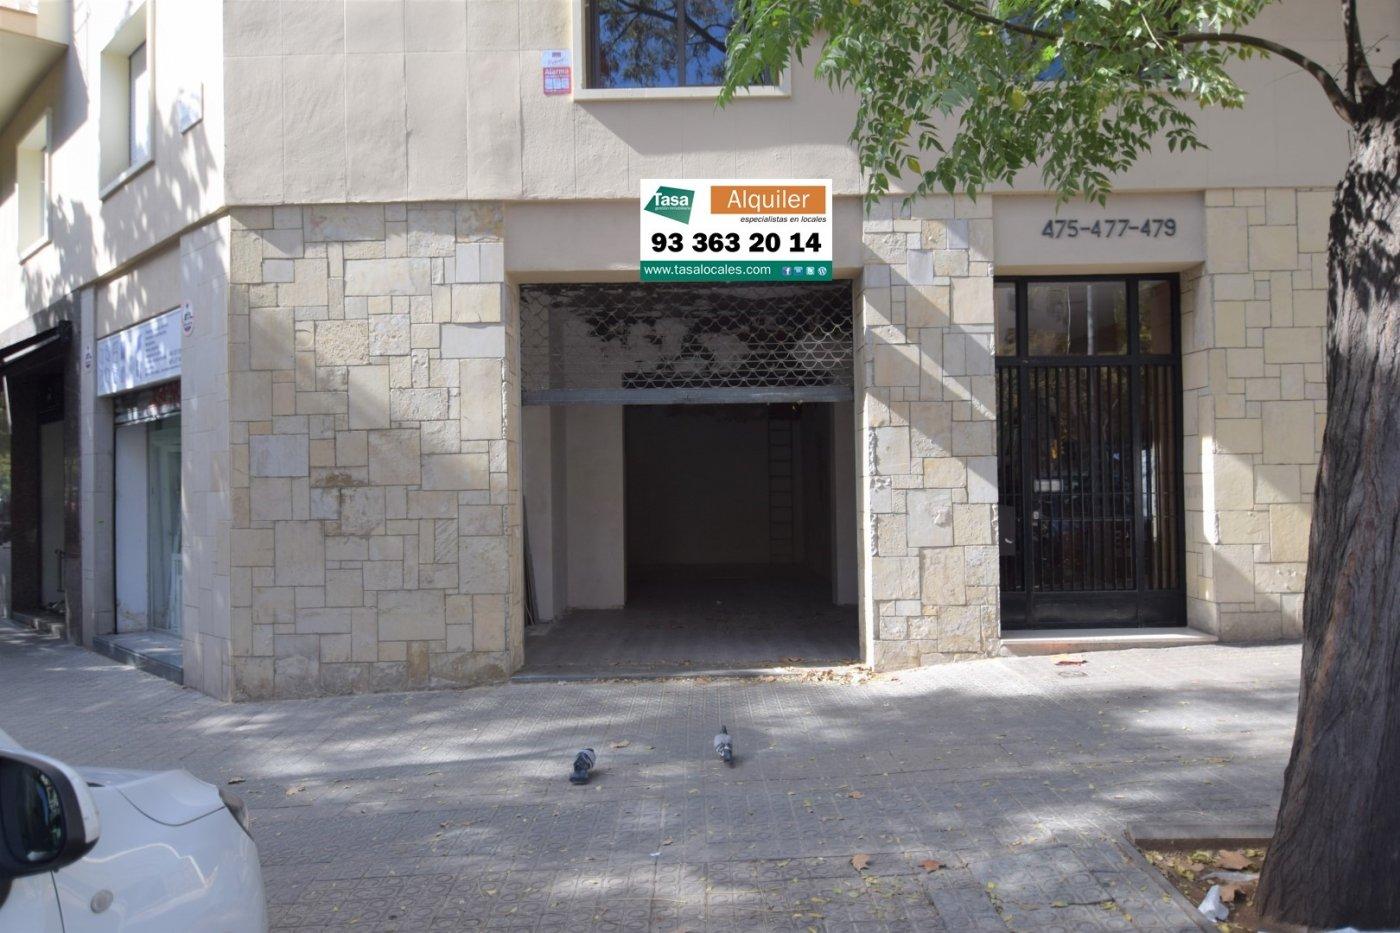 local-comercial en barcelona · sagrada-familia 975€